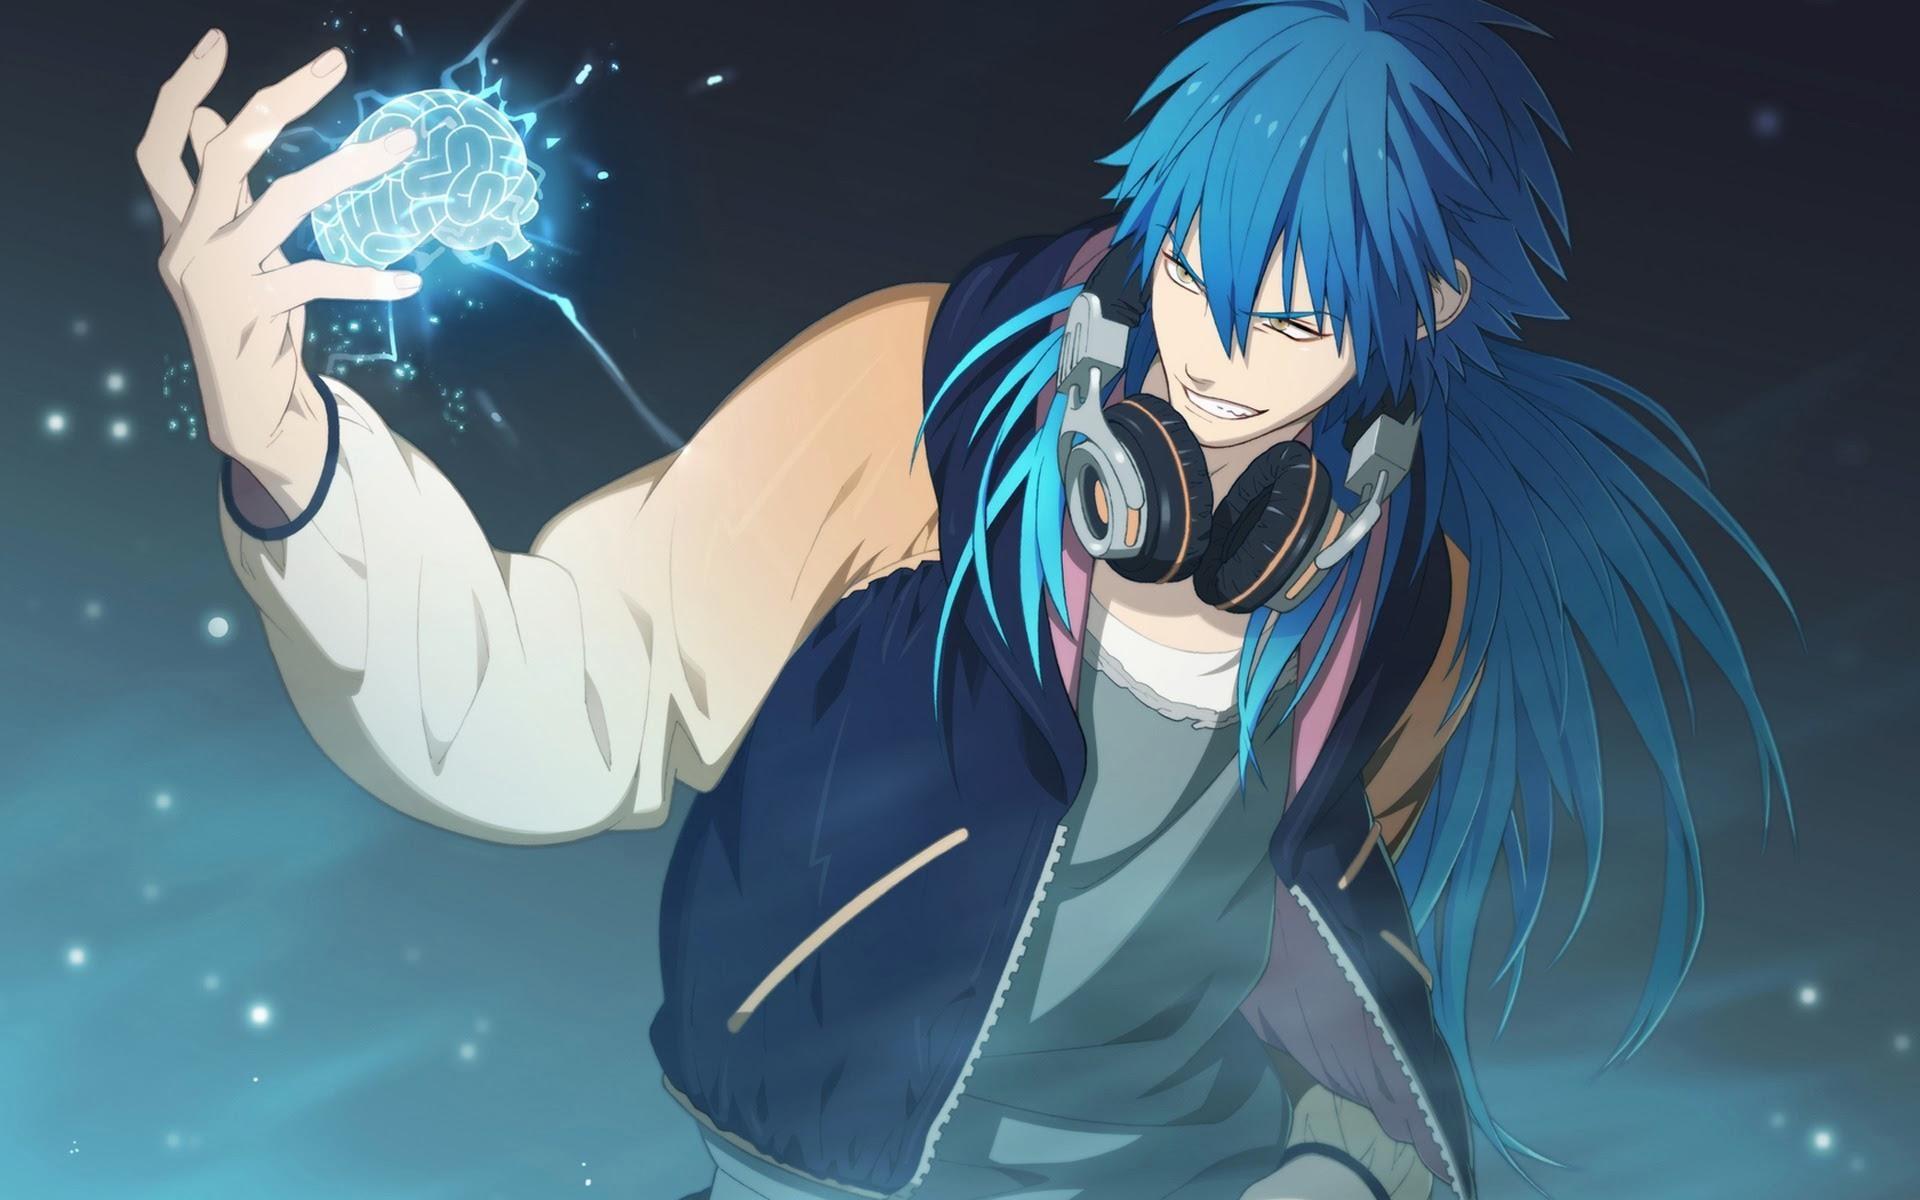 Free-Cool-Anime-Boy-Wallpaper